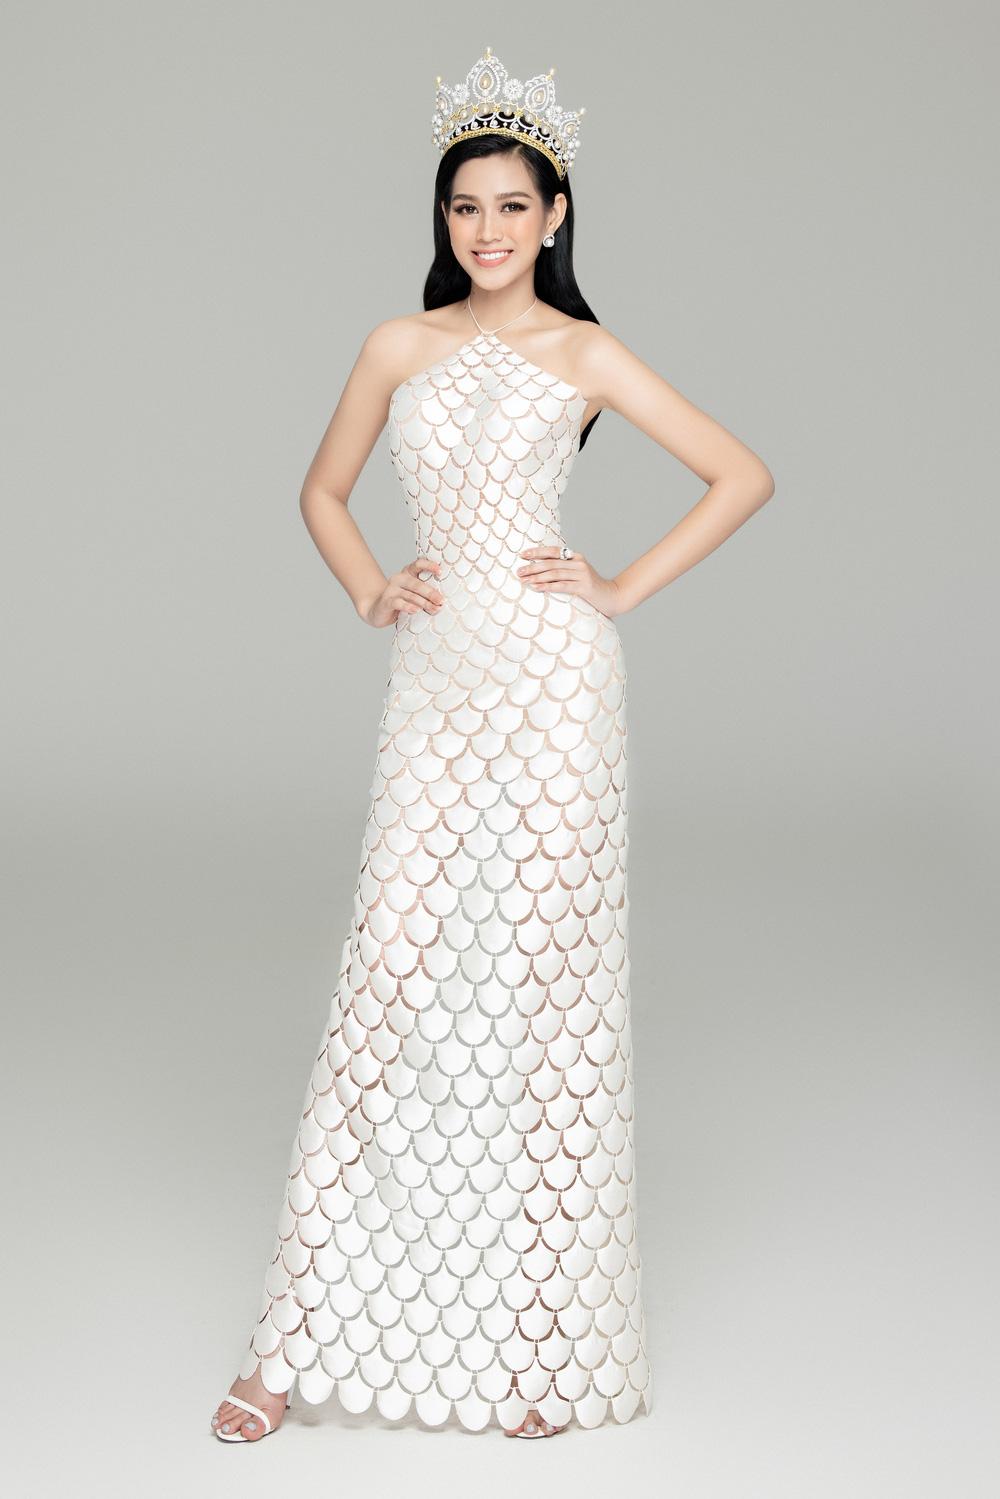 Hoa hậu Đỗ Thị Hà đọ sắc bên hai Á hậu sau 1 tháng đăng quang - Ảnh 7.